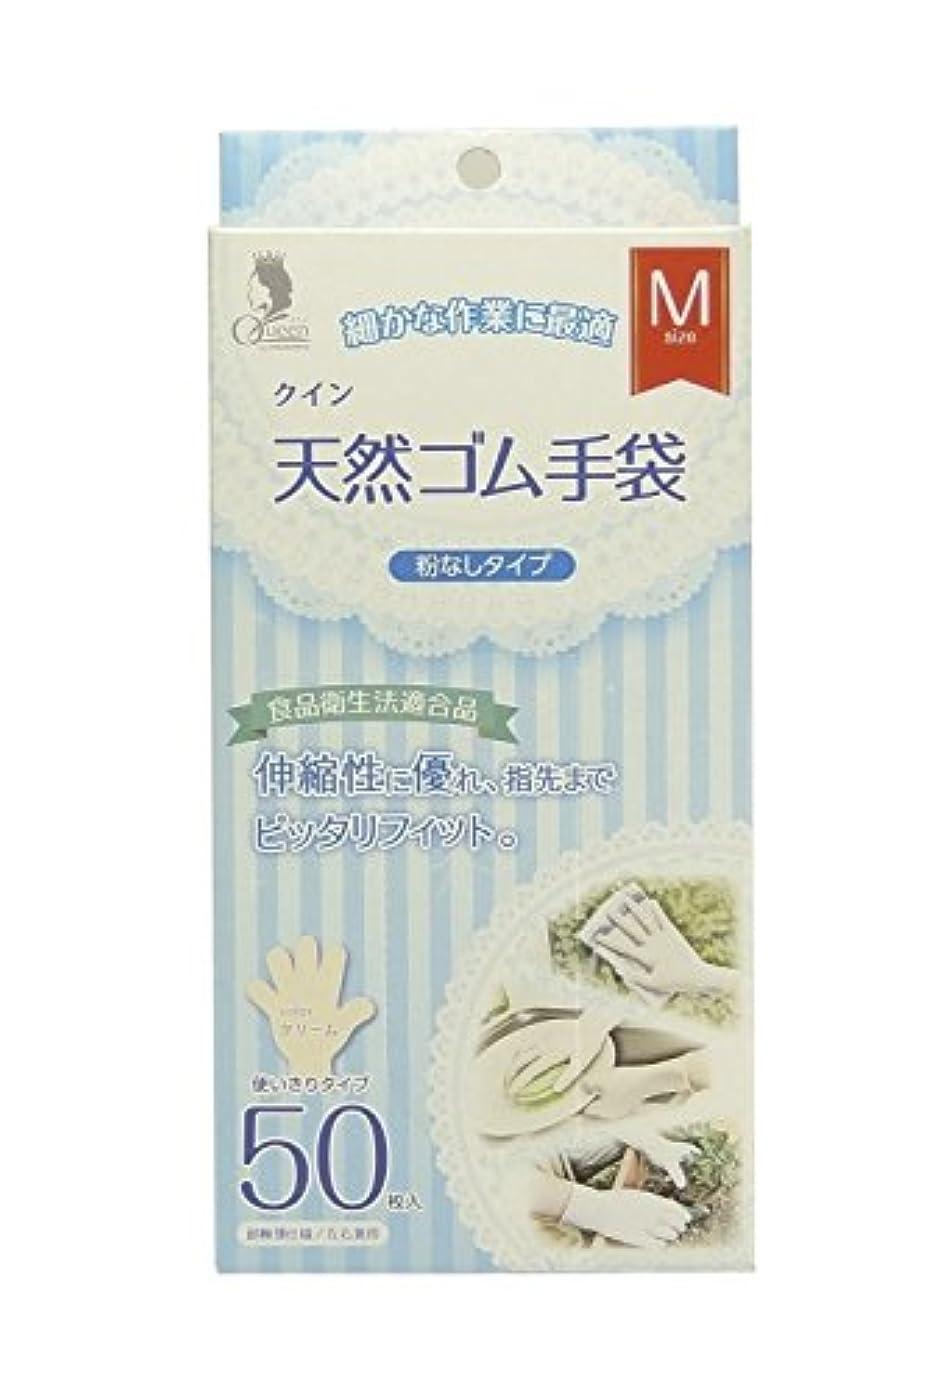 好色な成分帝国主義宇都宮製作 クイン 天然ゴム手袋(パウダーフリー) M 50枚